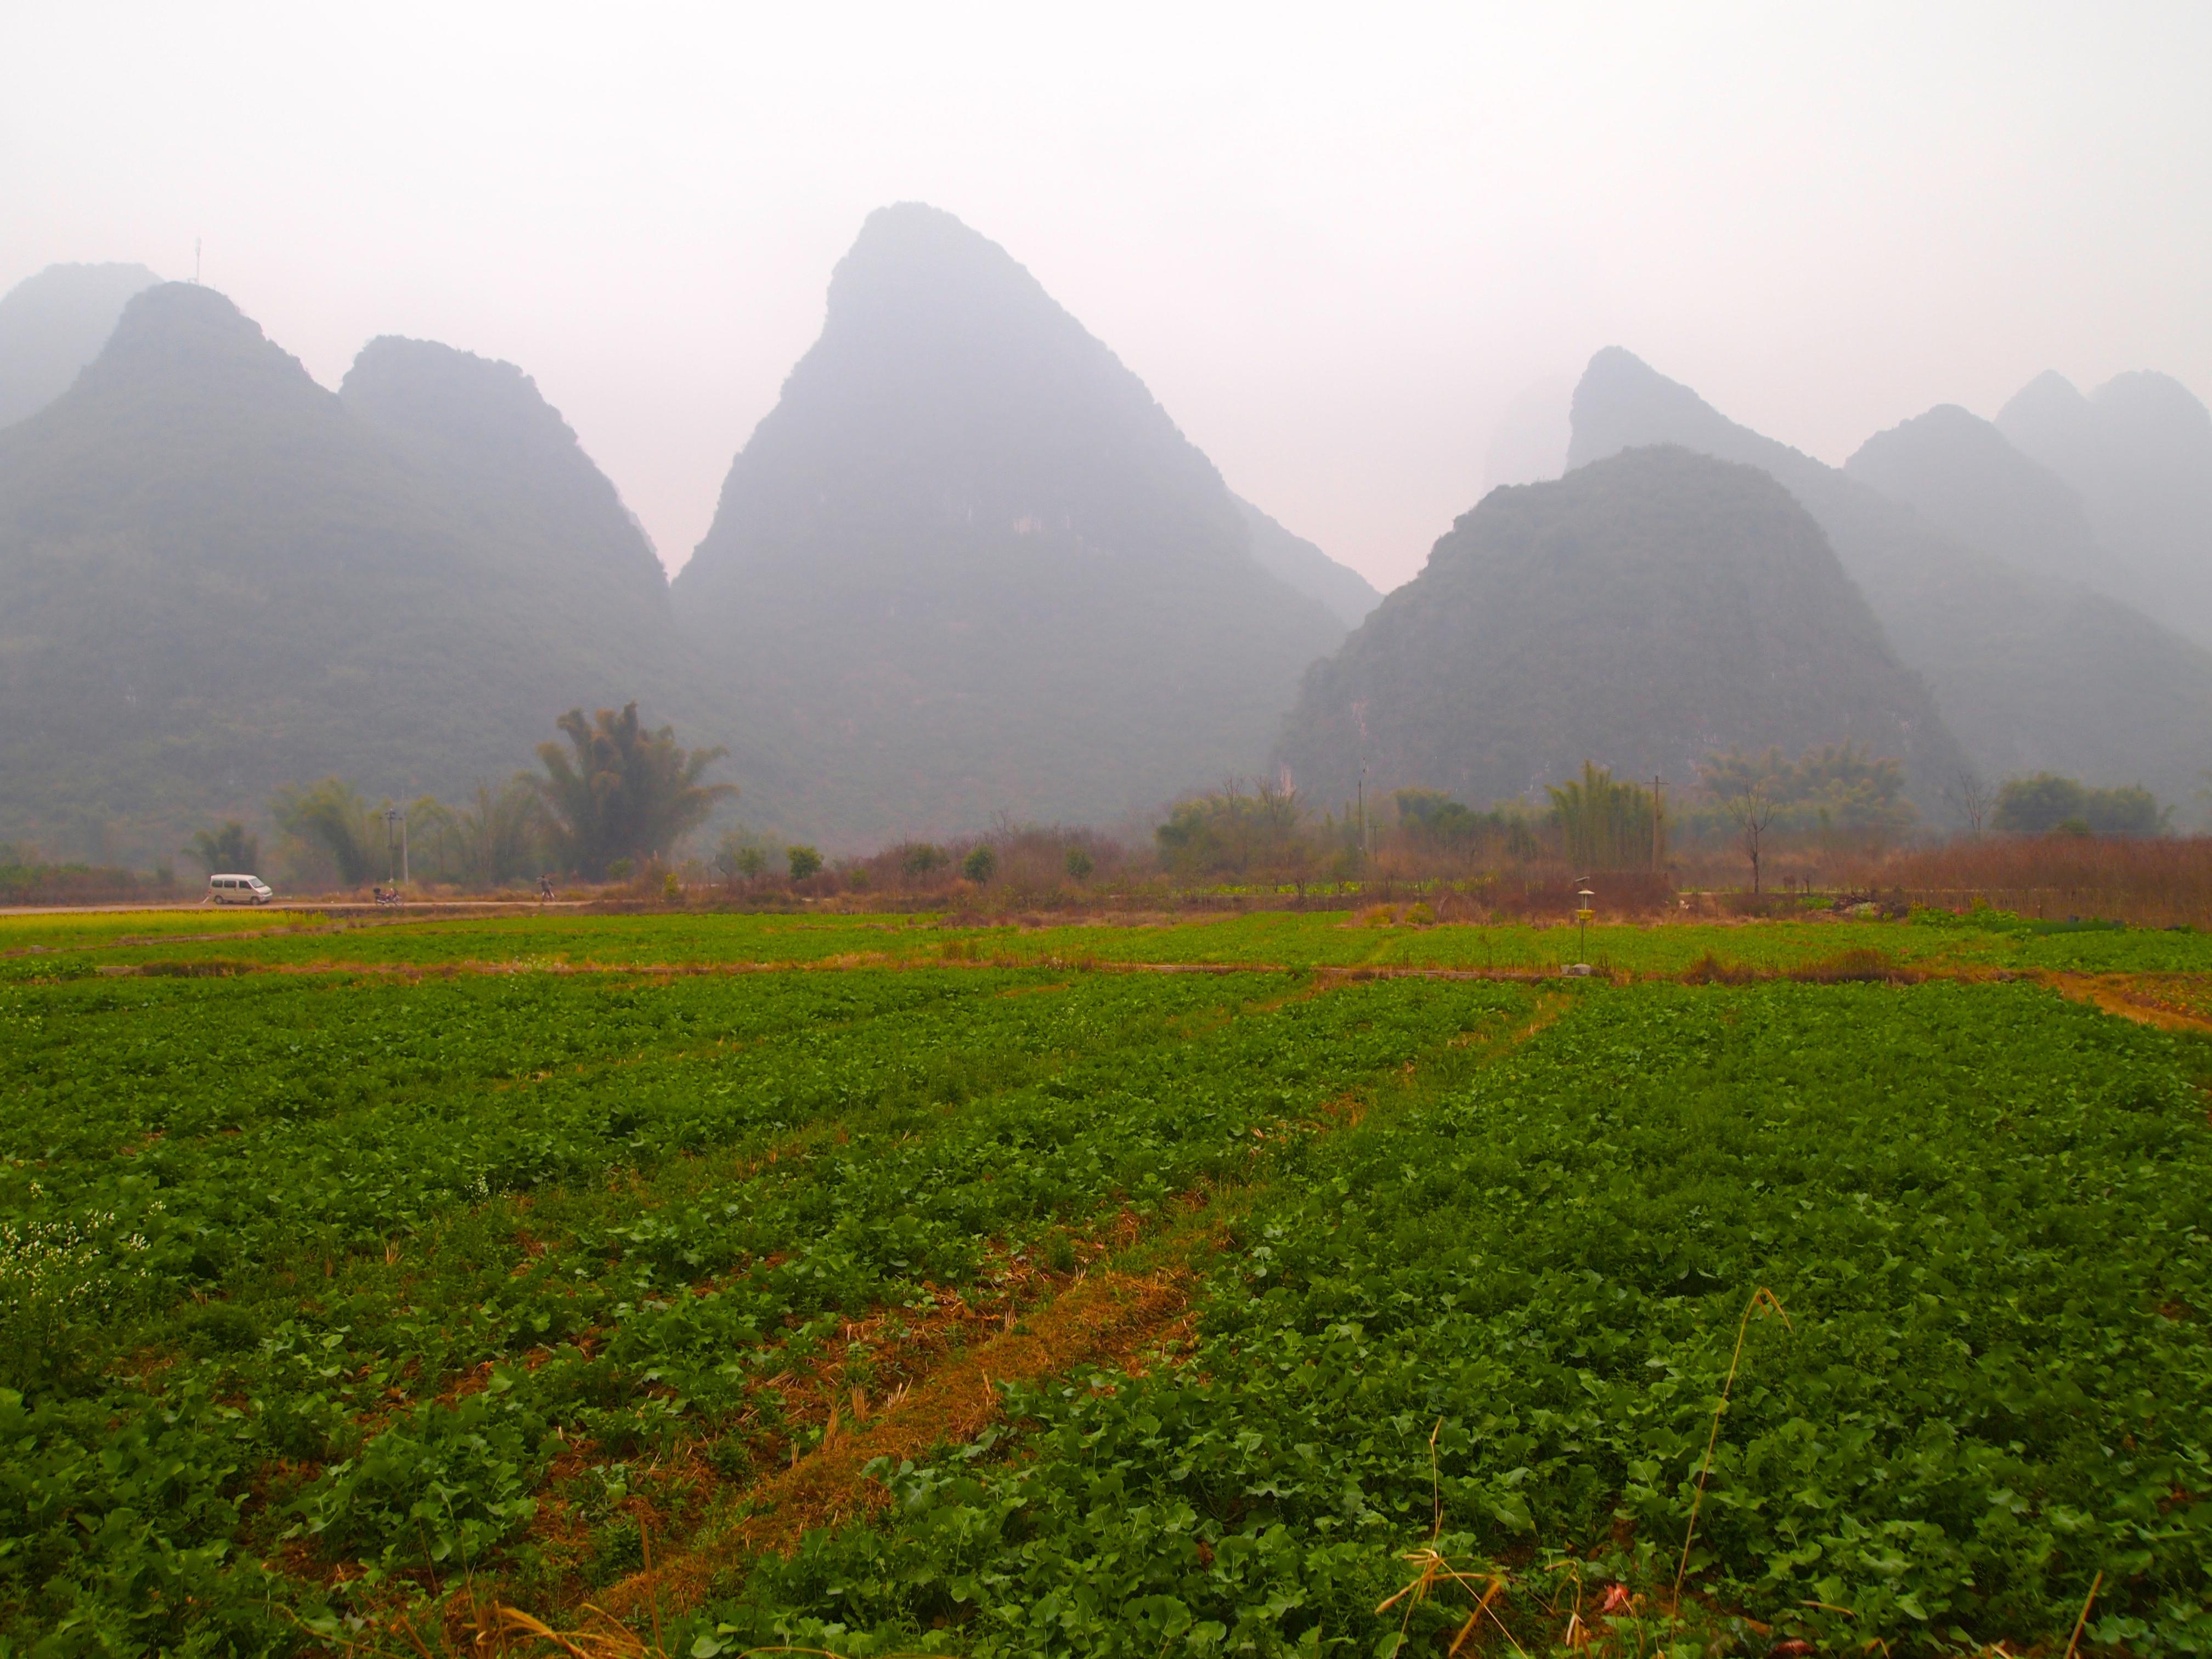 Why China needs bigger farms - Dreaming big  |China Farmland